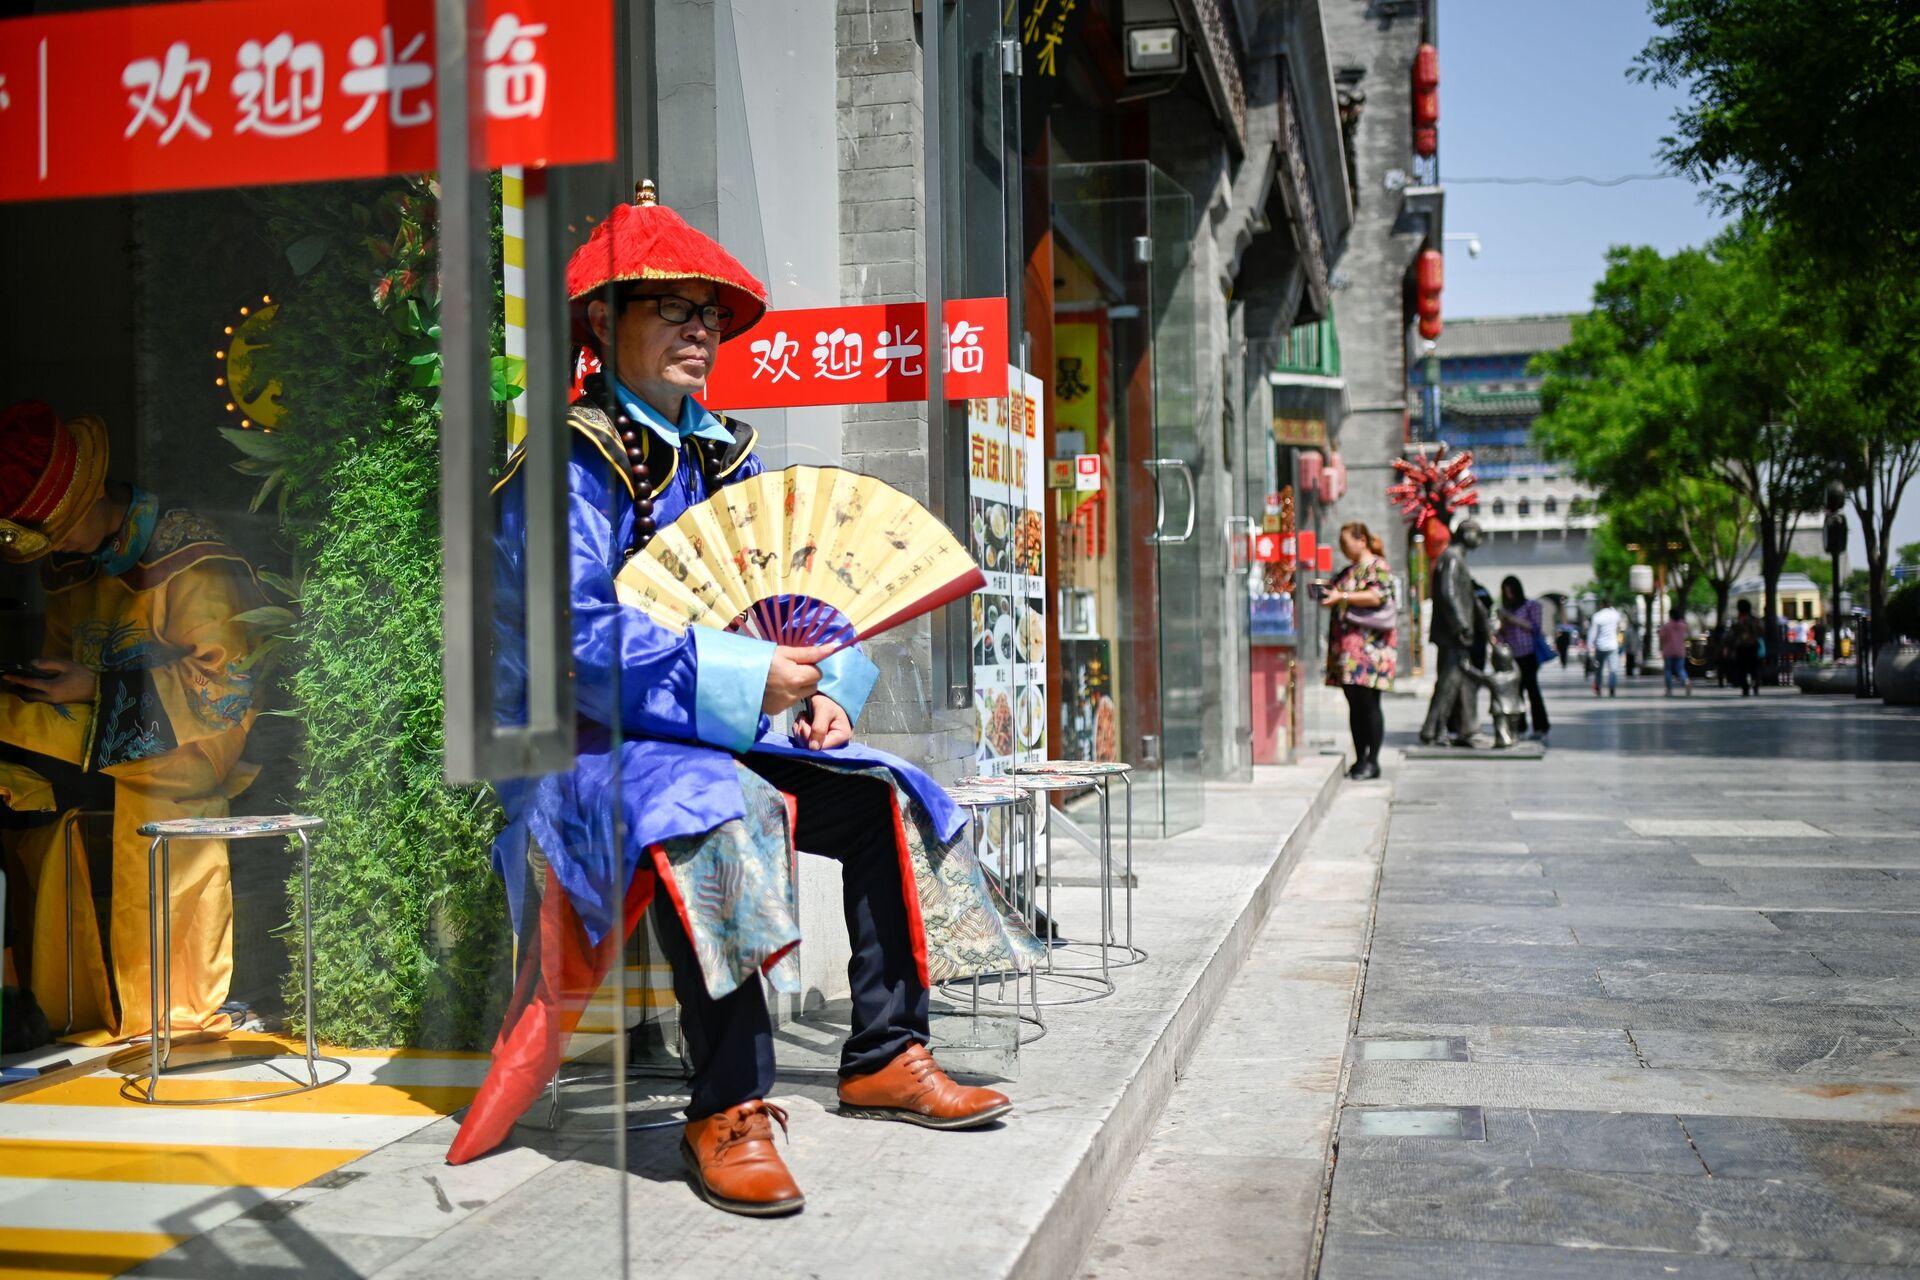 Người bán hàng bên lối vào một cửa hàng trên một con phố ở Bắc Kinh, Trung Quốc - Sputnik Việt Nam, 1920, 05.10.2021